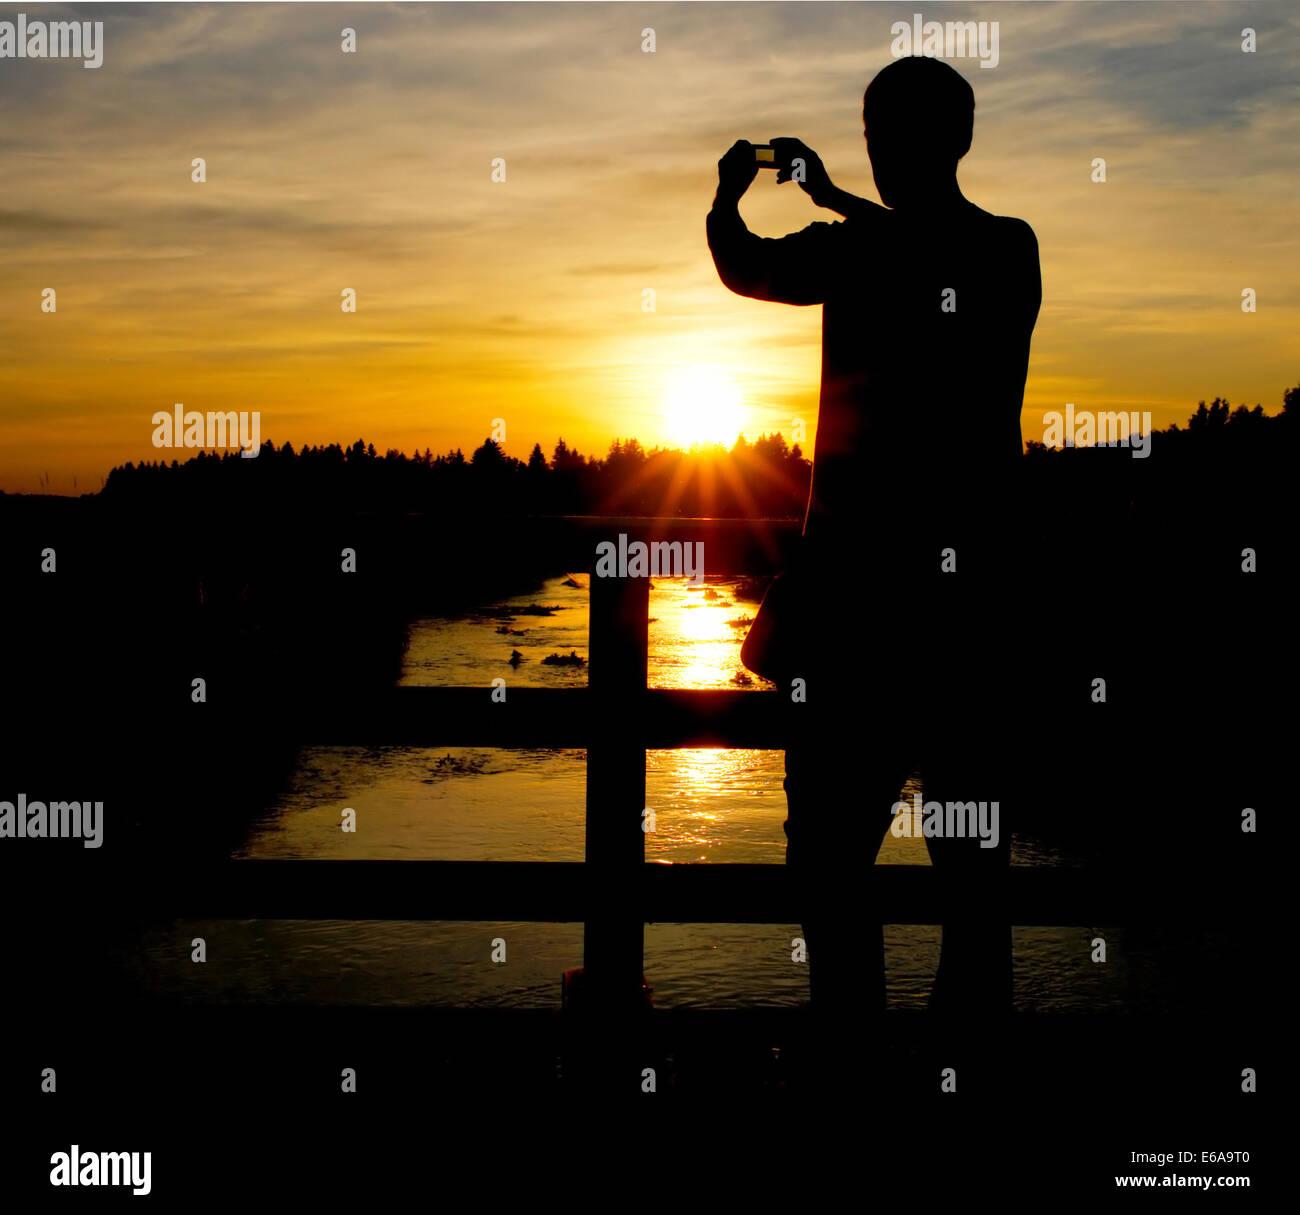 Fotografie, Naturfotografie, Ferien Fotografie Stockbild